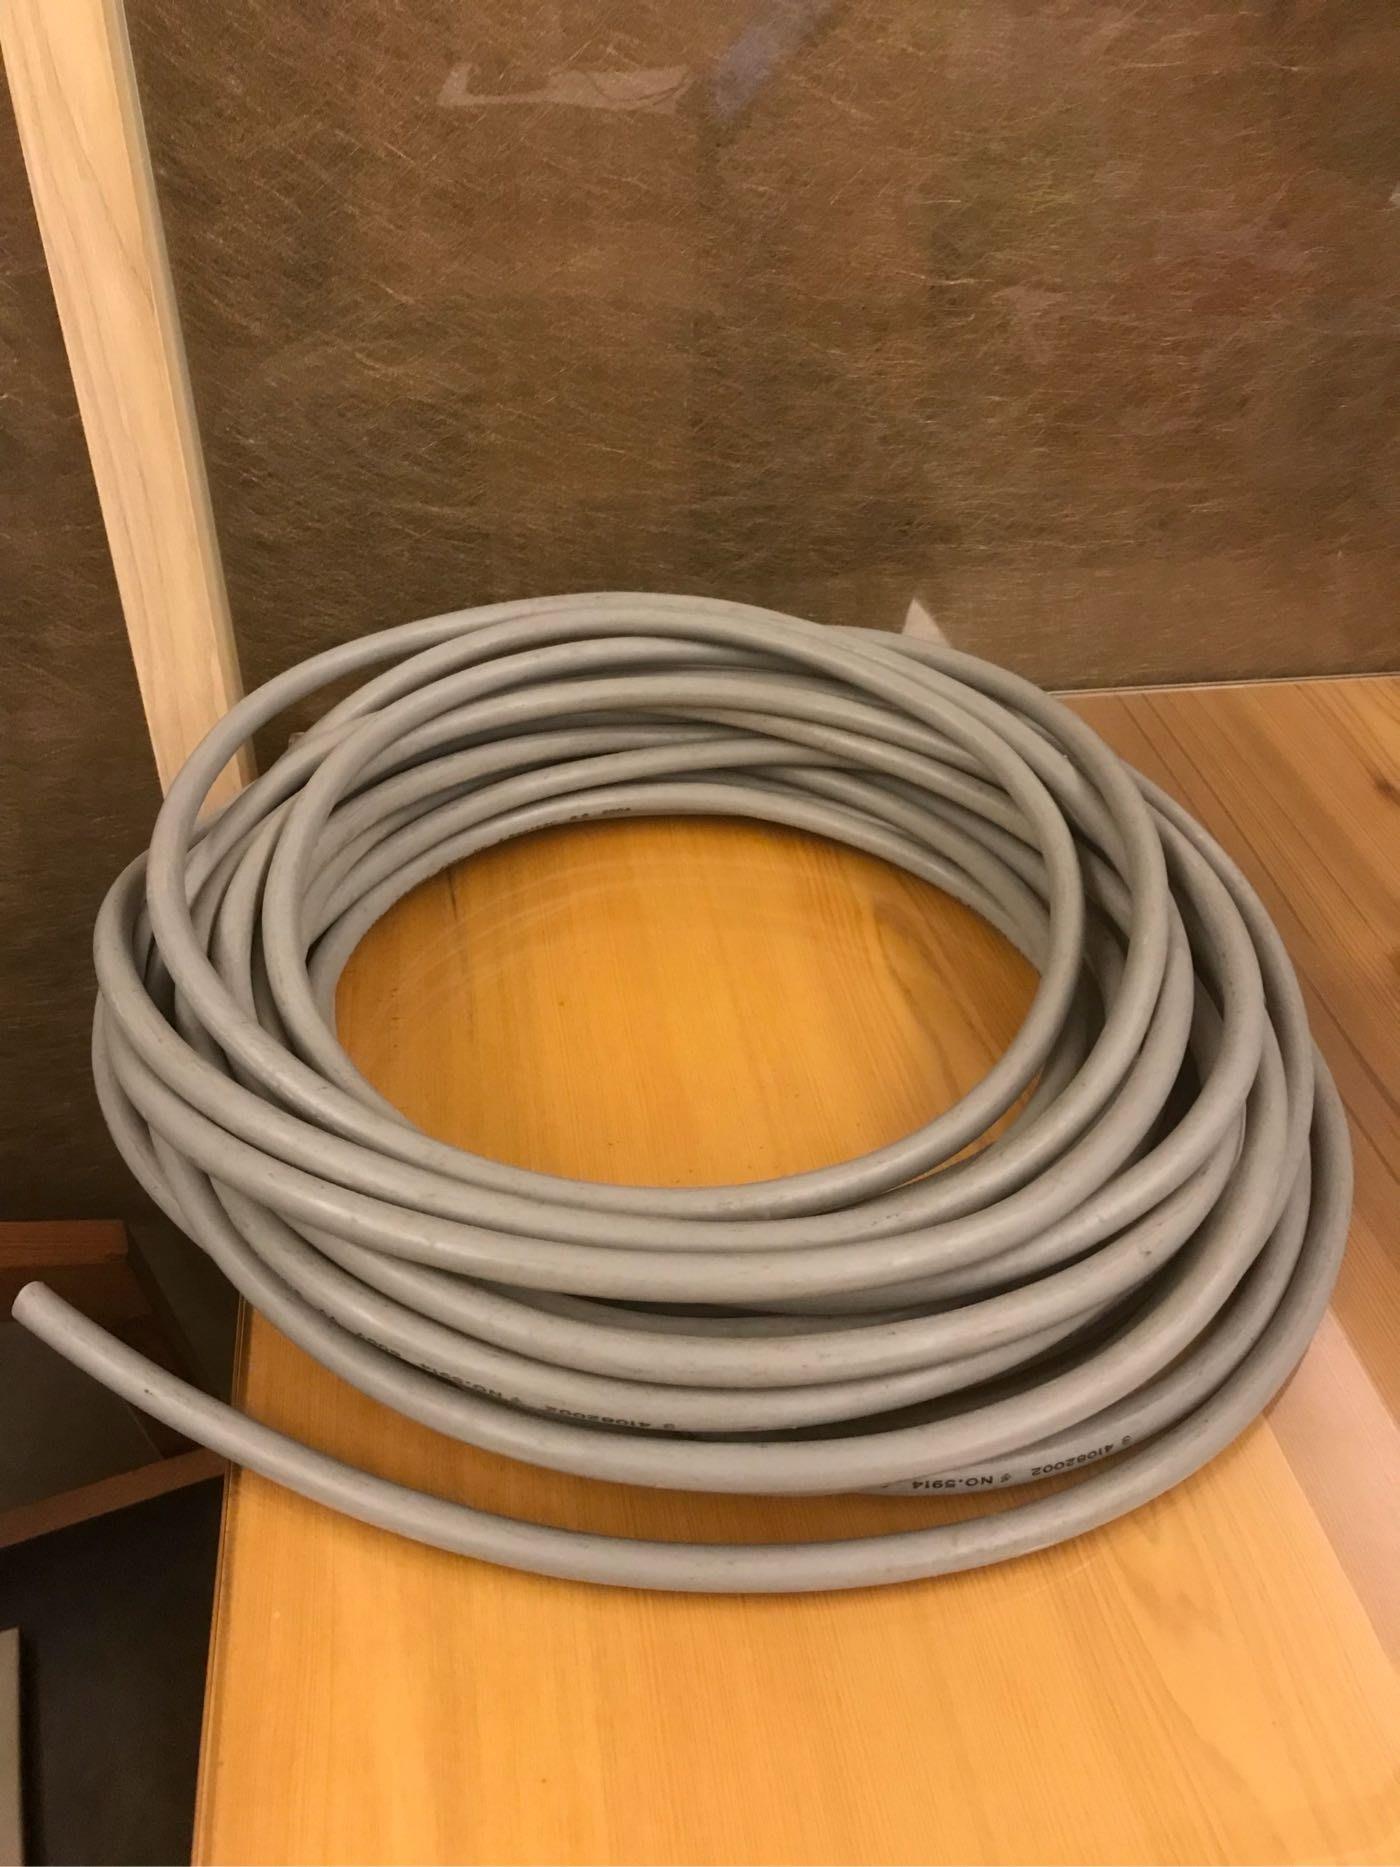 近全新 億泰 灰色電纜線 3.5mm平方X3C VV 600V 3芯 電線 電源線 1米 電料 零賣